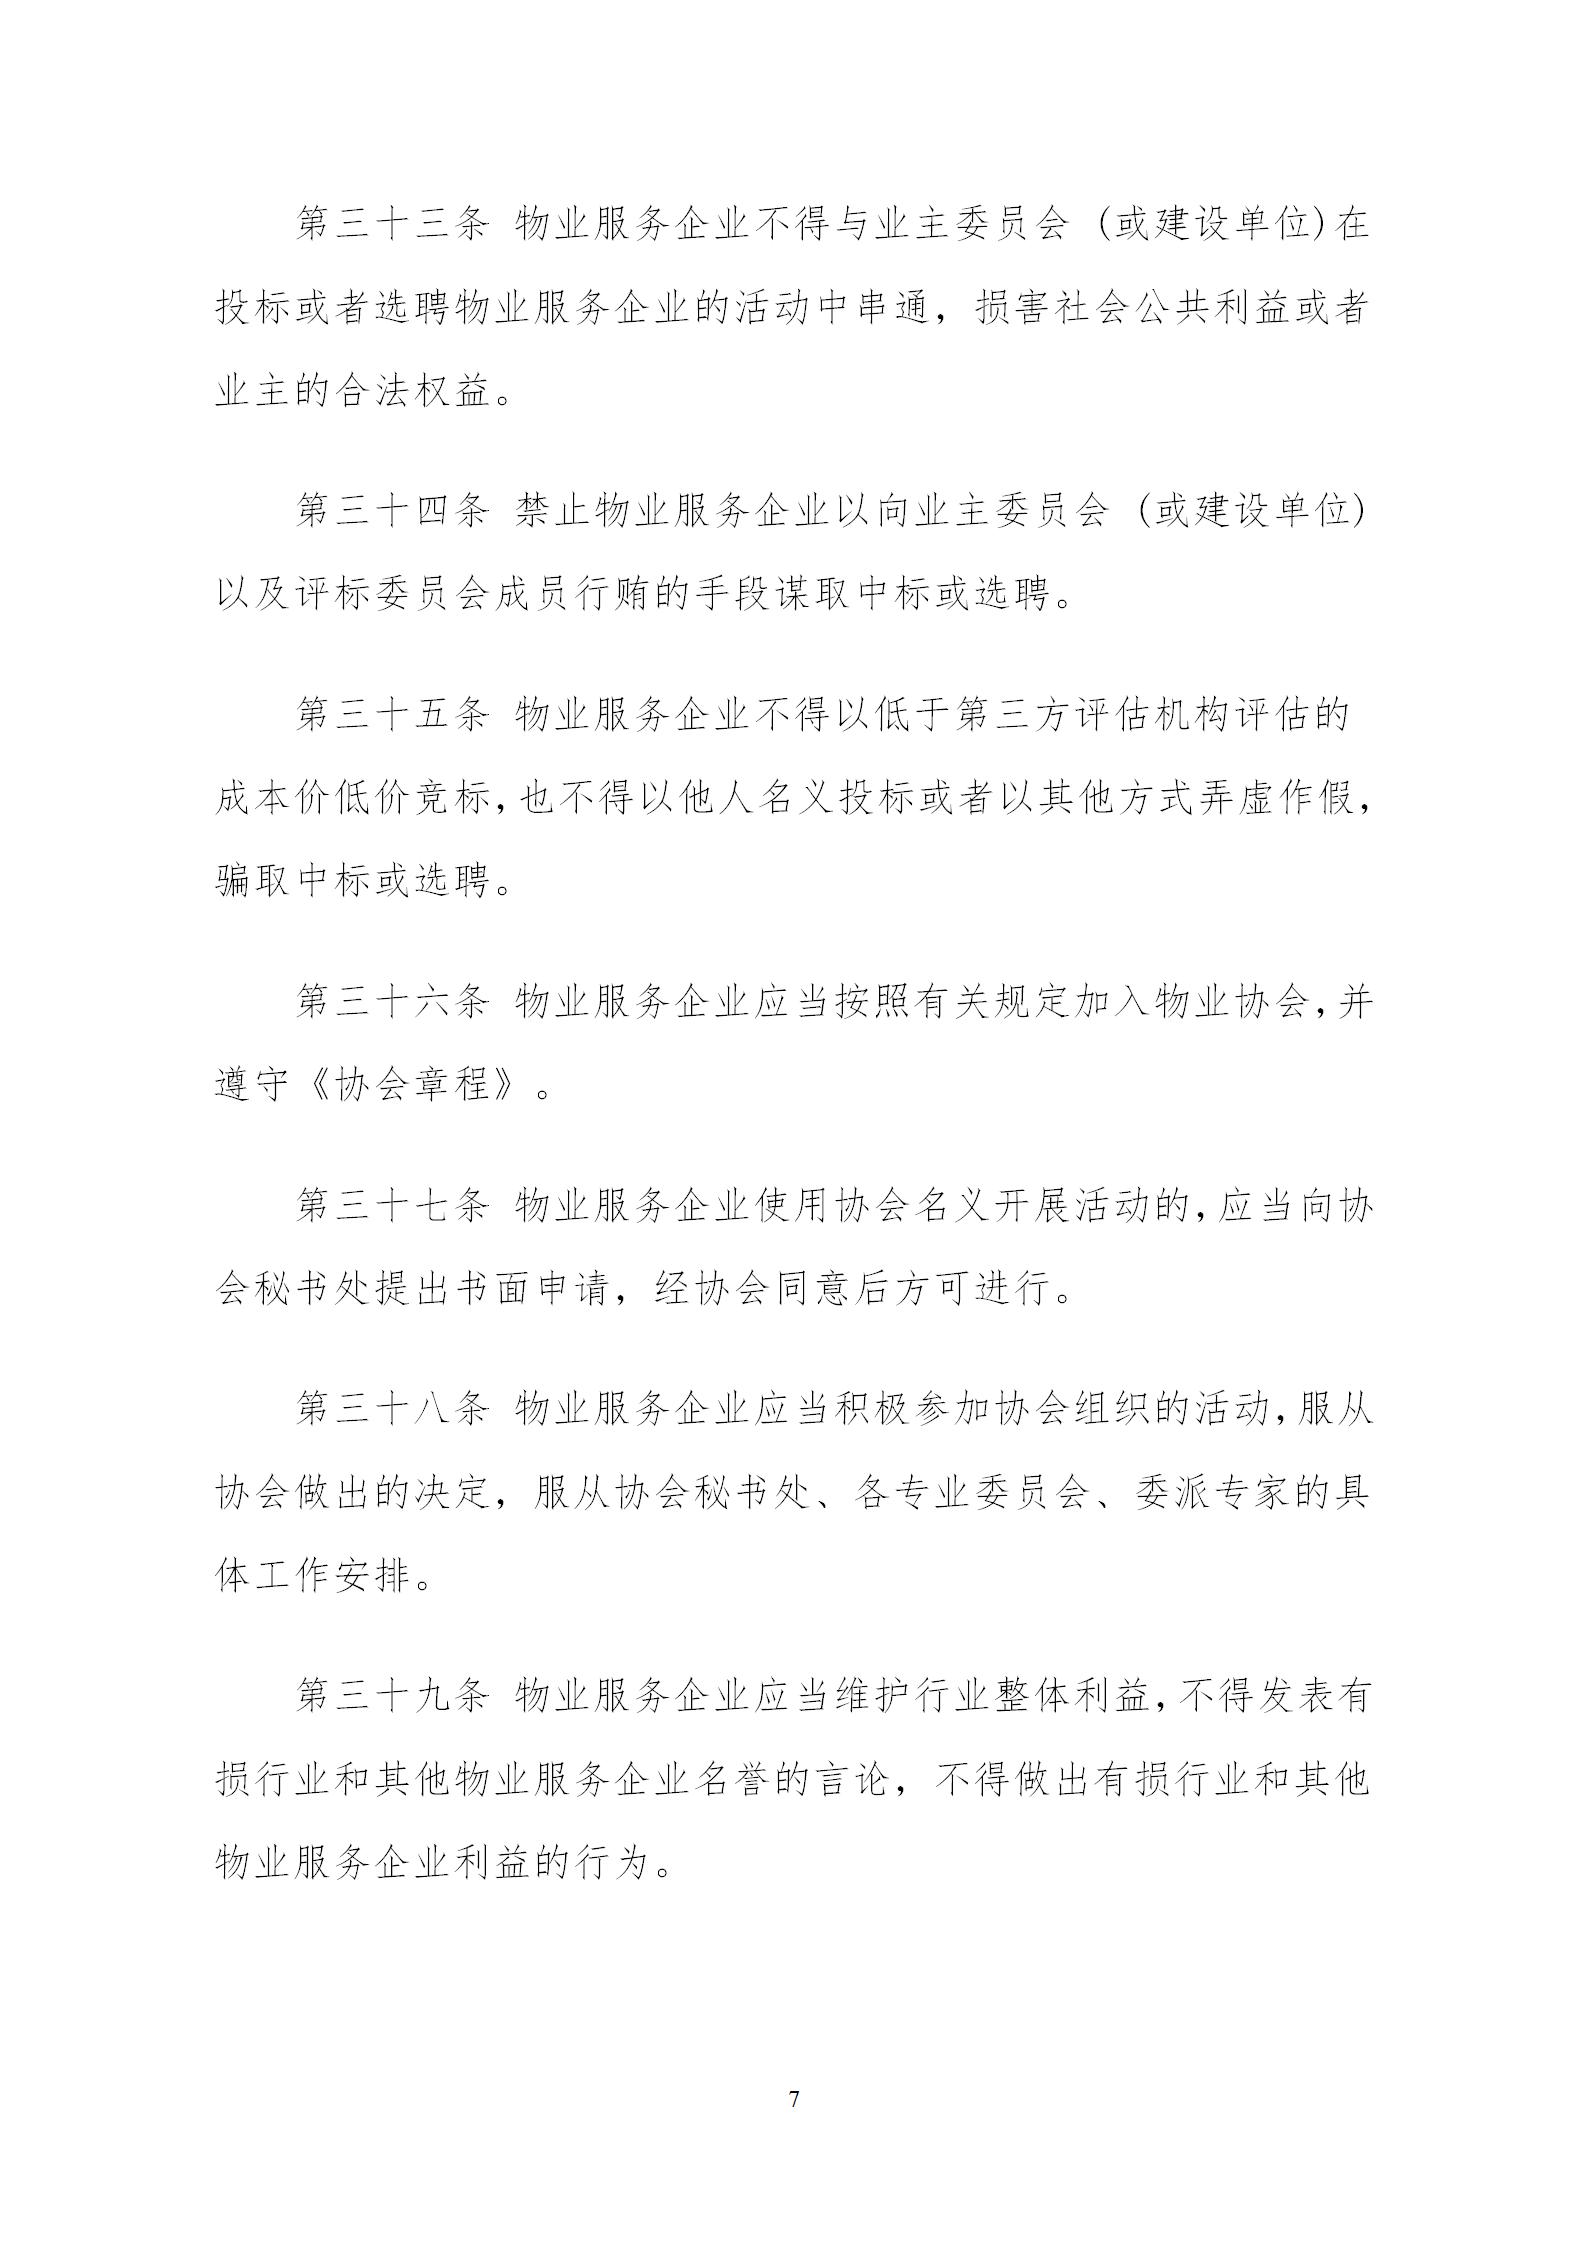 洪物协字[2020]20号关于贯彻落实《南昌市物业管理行业规范》的通知_07.png